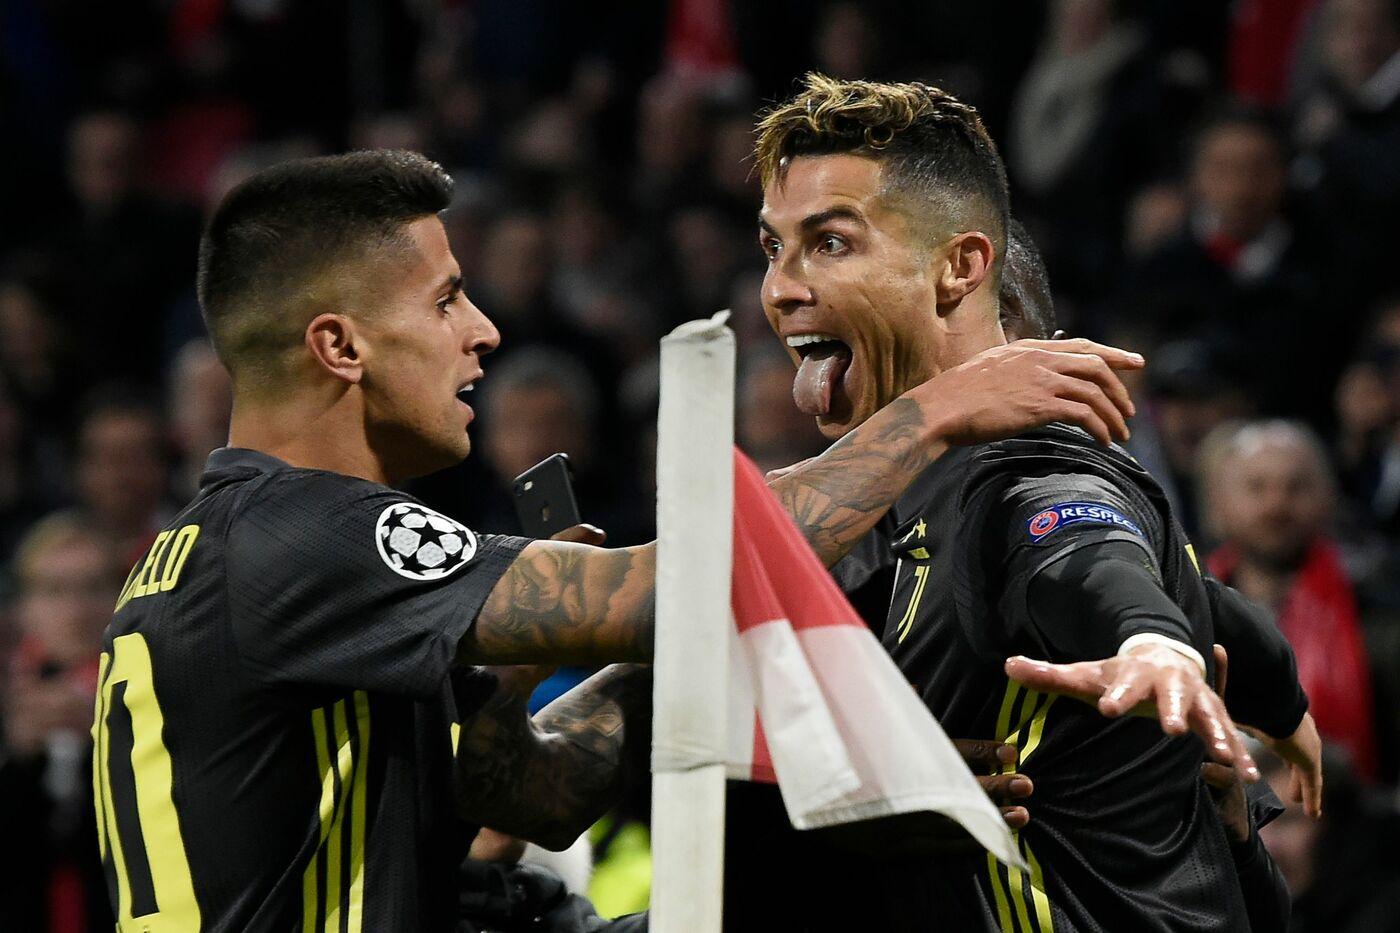 Champions League, Juventus-Ajax martedì 16 aprile: analisi e pronostico del ritorno dei quarti di finale della competizione